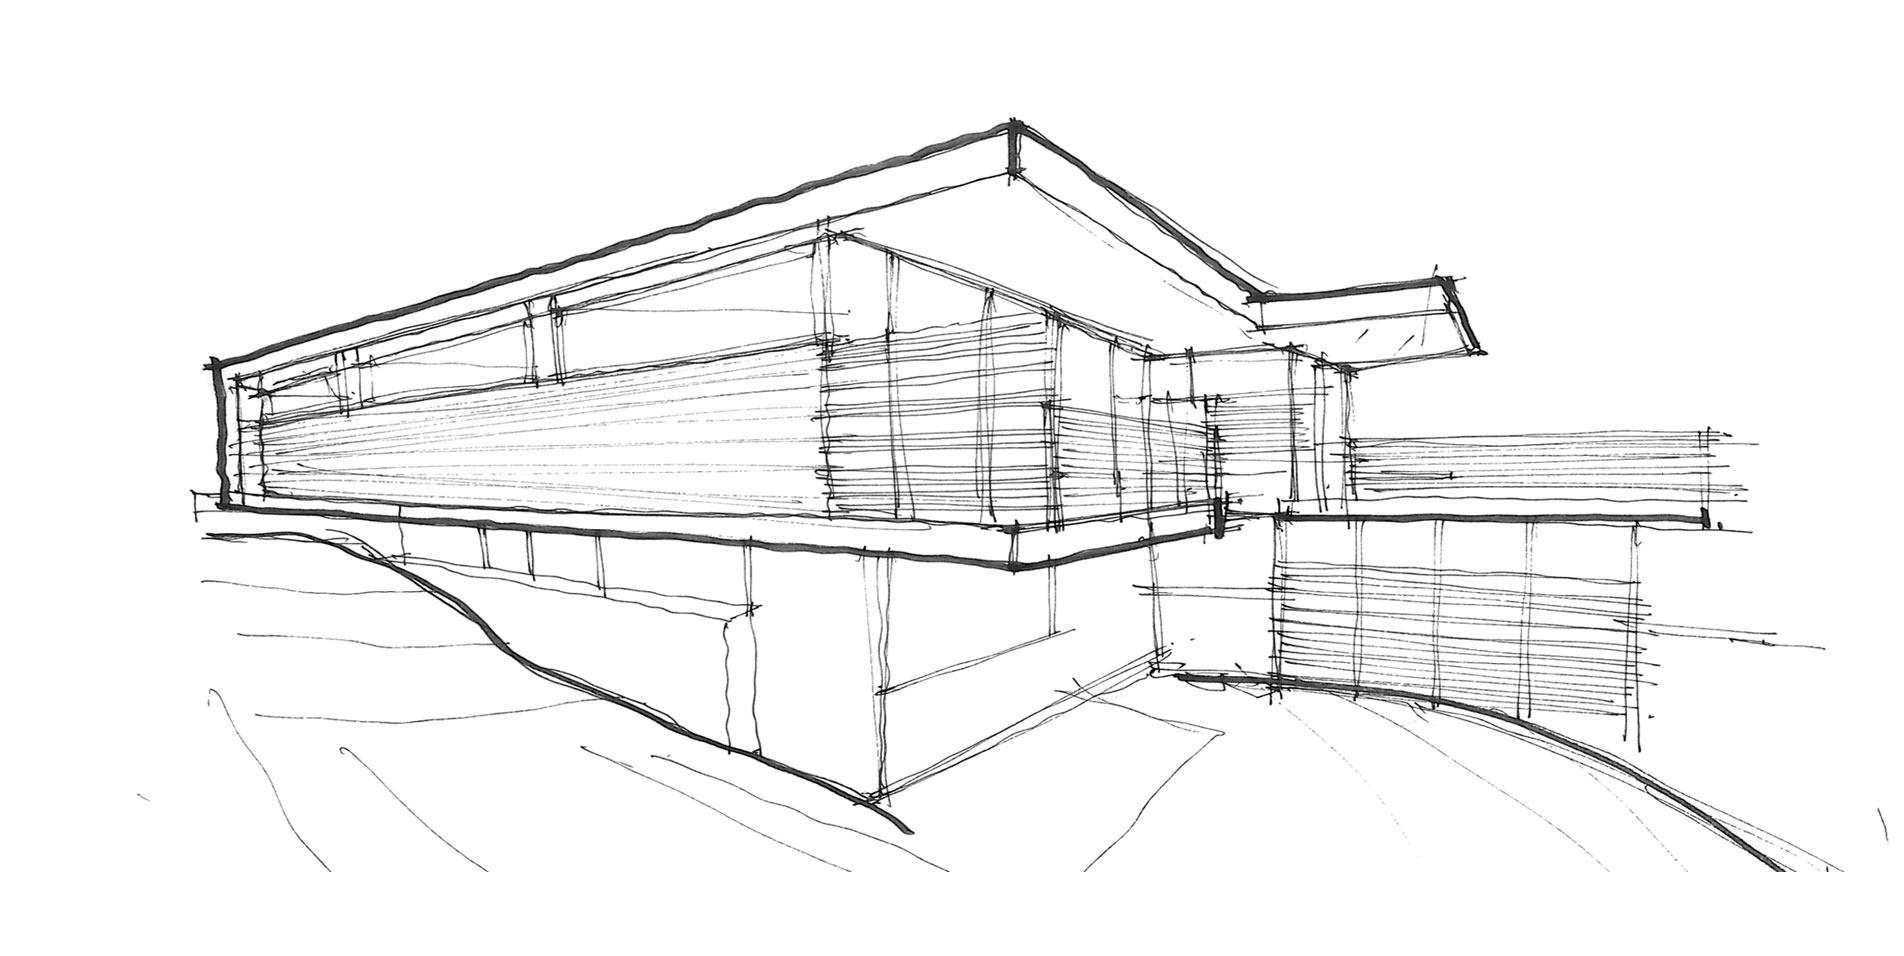 sketch-idea